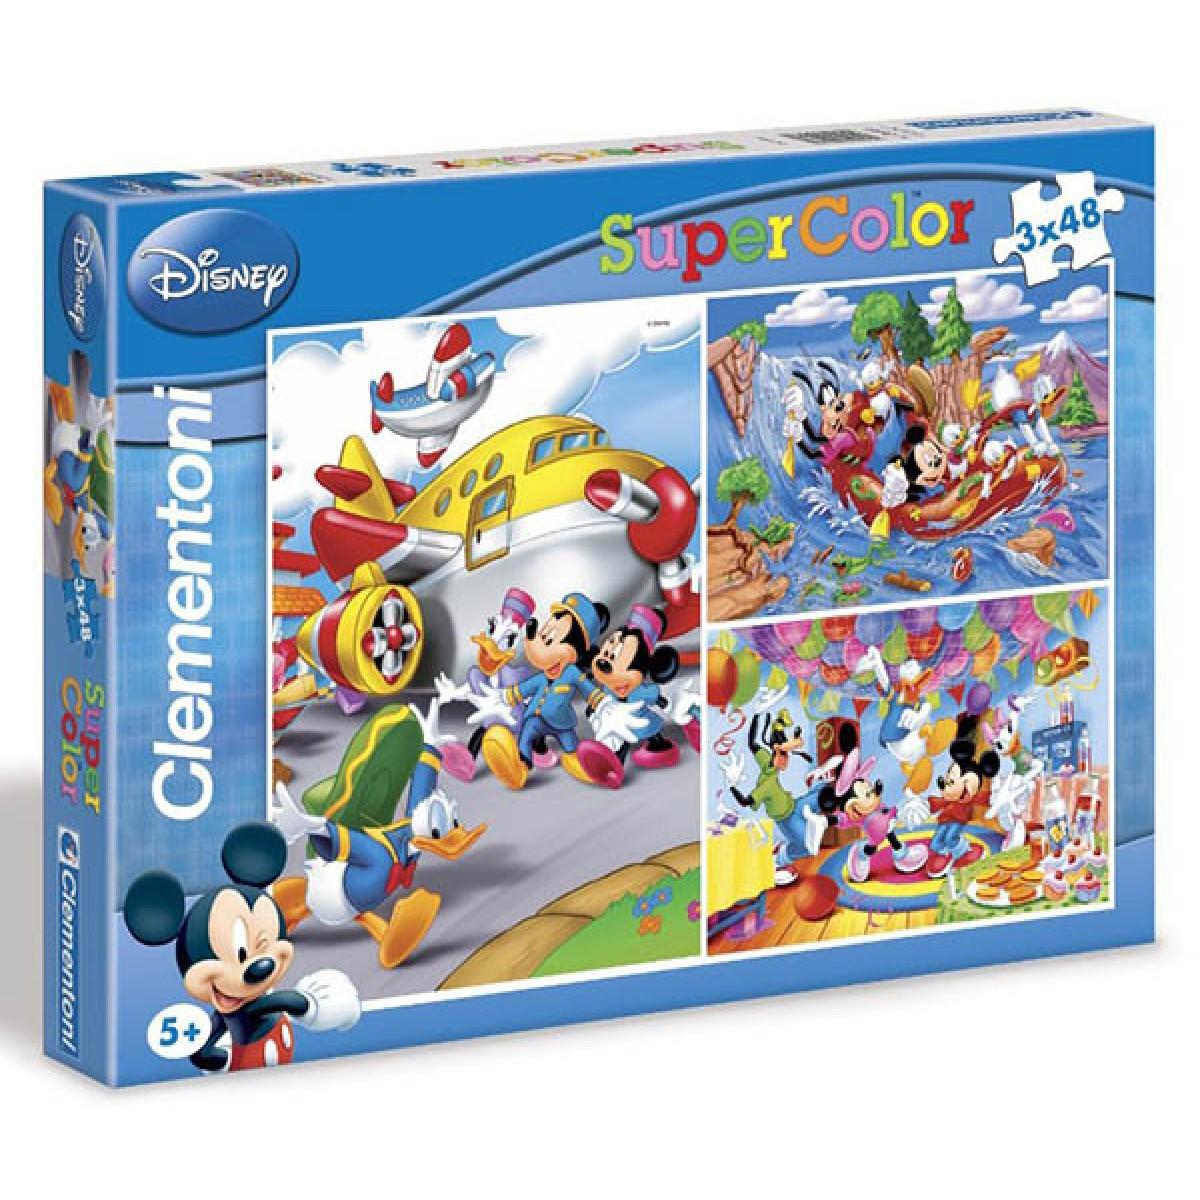 Clementoni Puzzle Enfant 3X48 Pc-Mickey - 379 - Les Puzzles à Jeux Pc Enfant